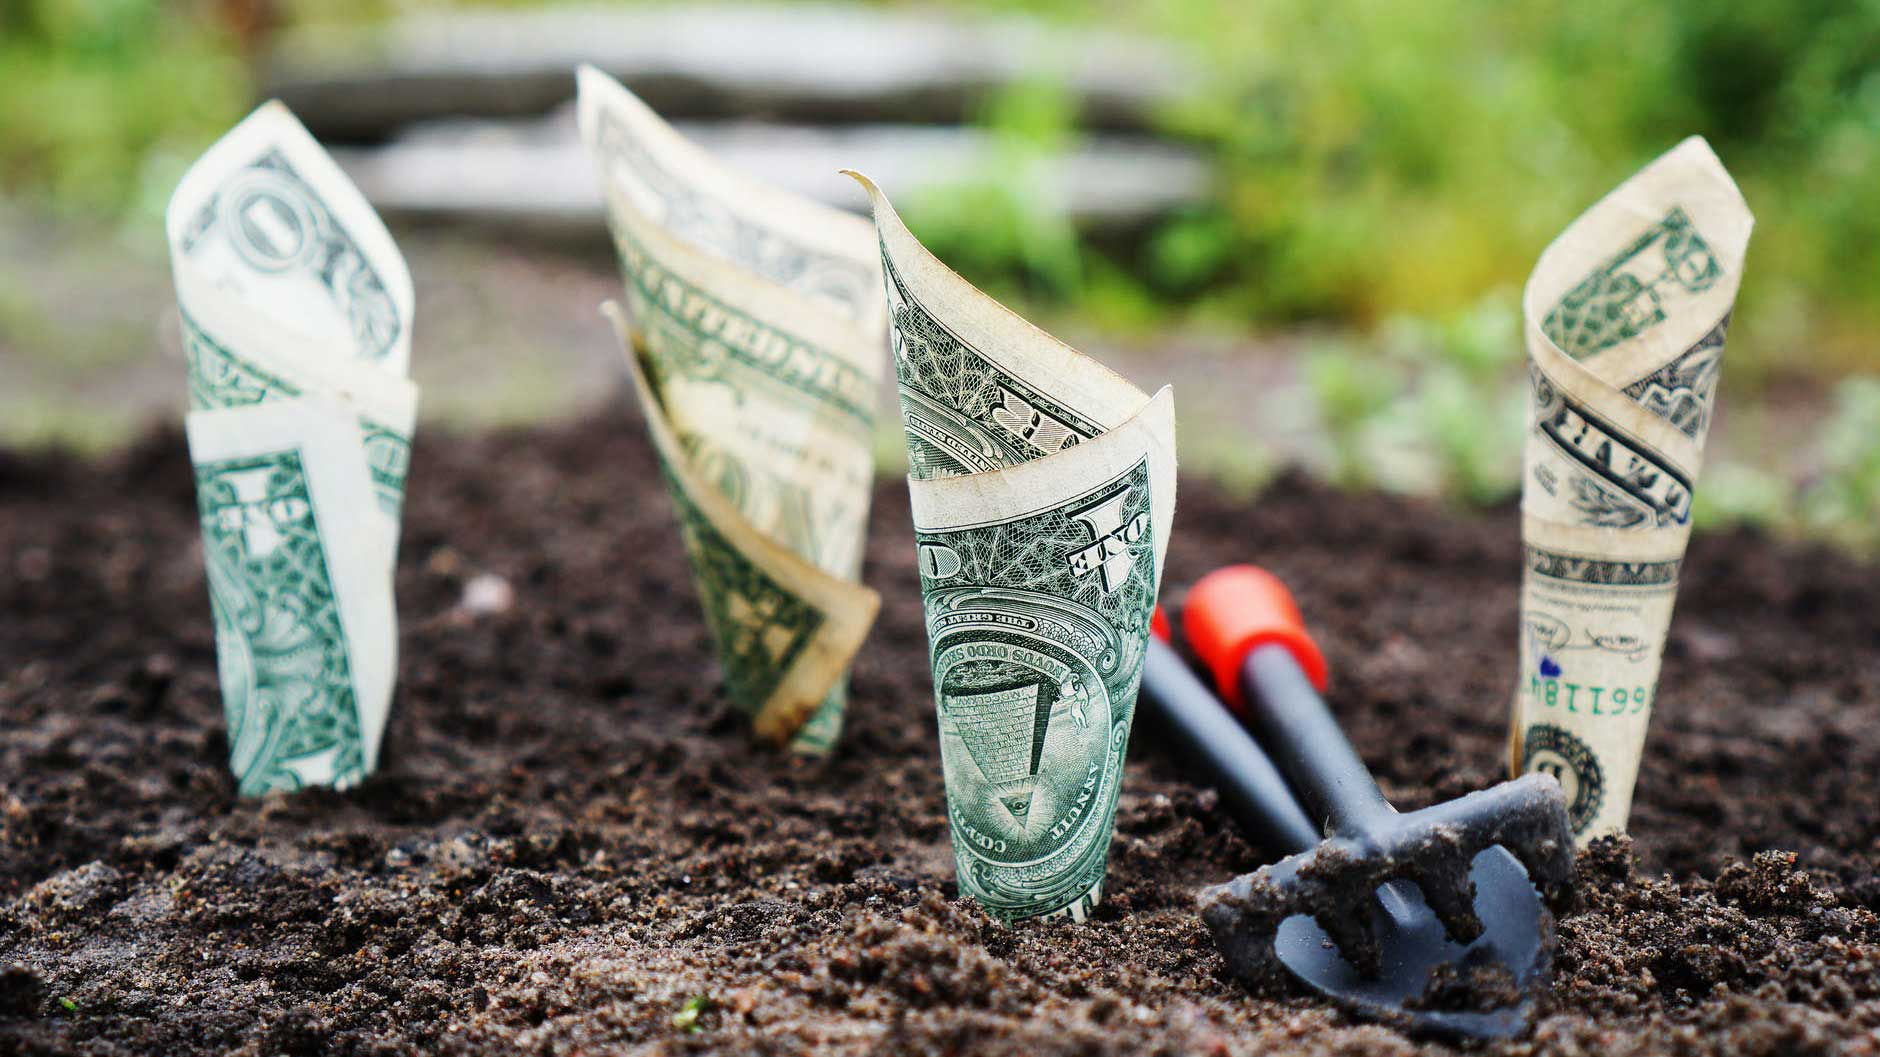 2 Dicas de Como Administrar Seu Dinheiro Mesmo Ganhando Pouco - Quatro notas de um dólar enterradas na terra com uma pá de brinquedo ao lado delas.